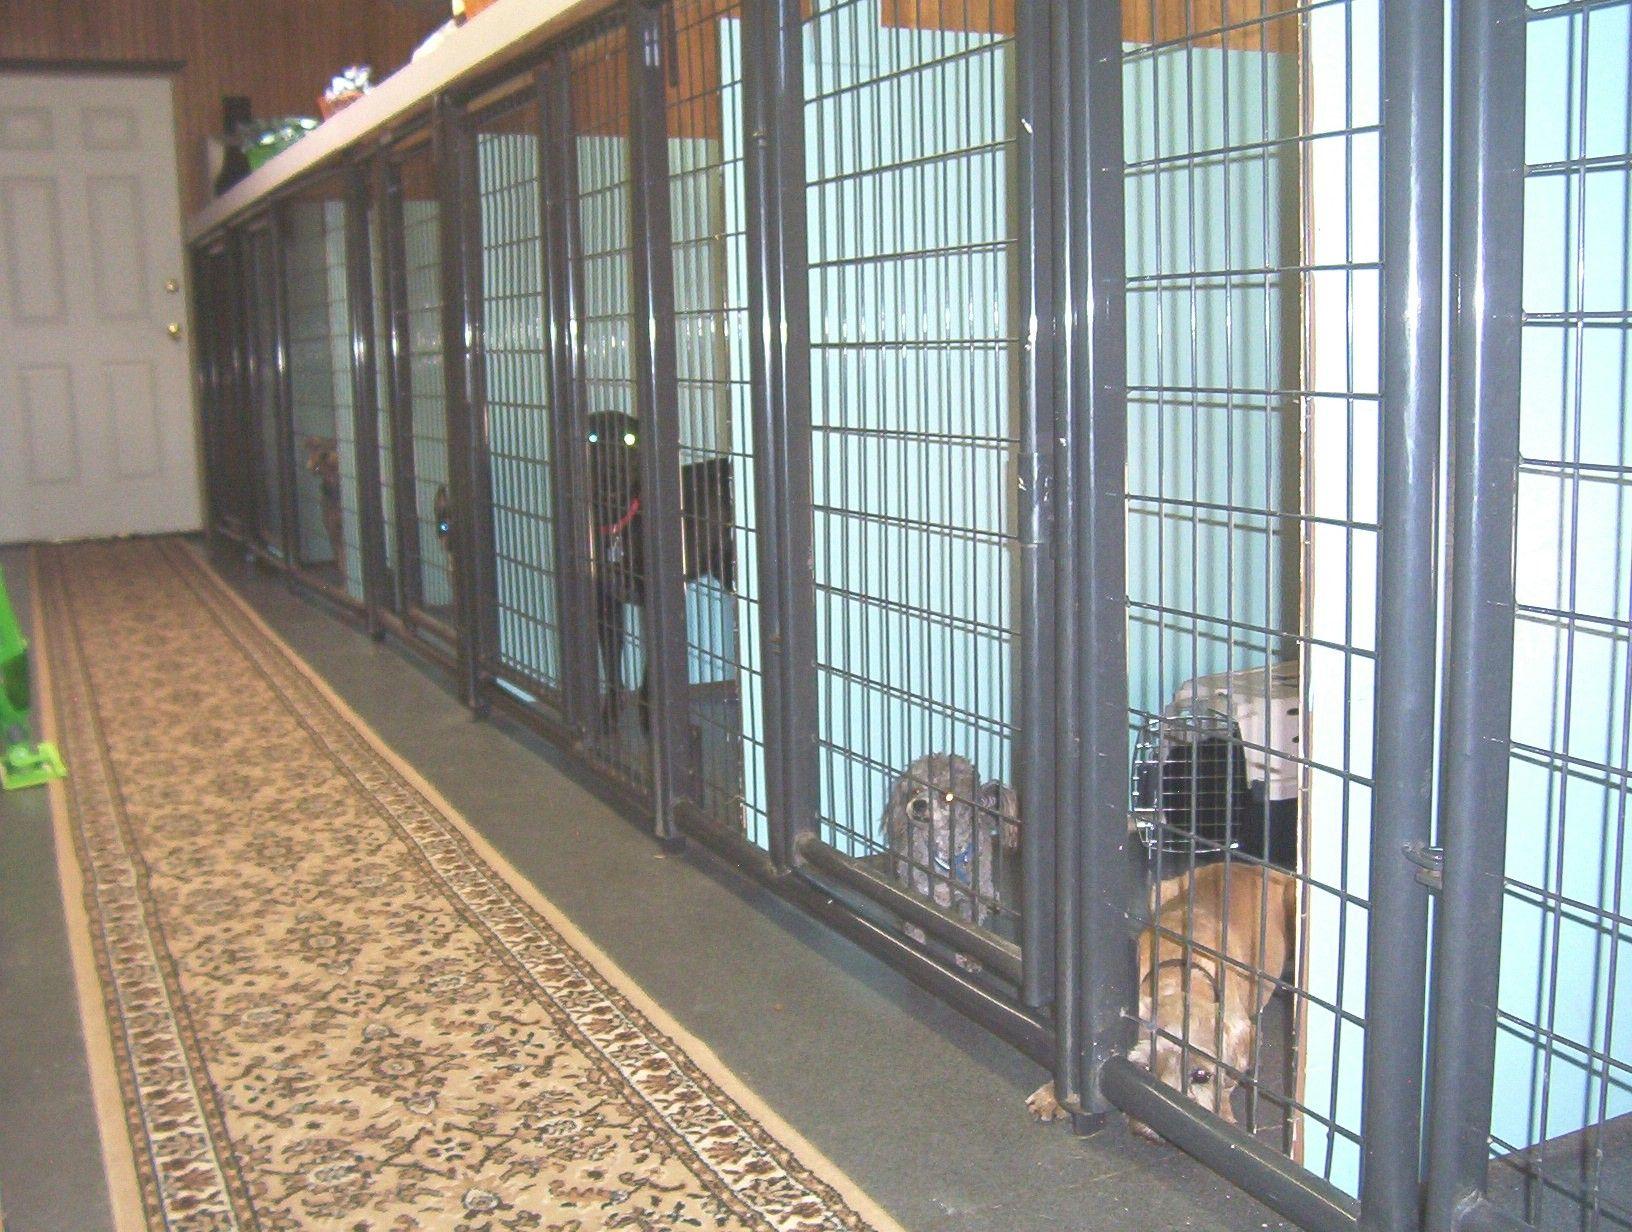 Image Result For Best Dog Boarding Kennel Building Dog Boarding Kennels Commercial Dog Kennel Ideas Dog Boarding